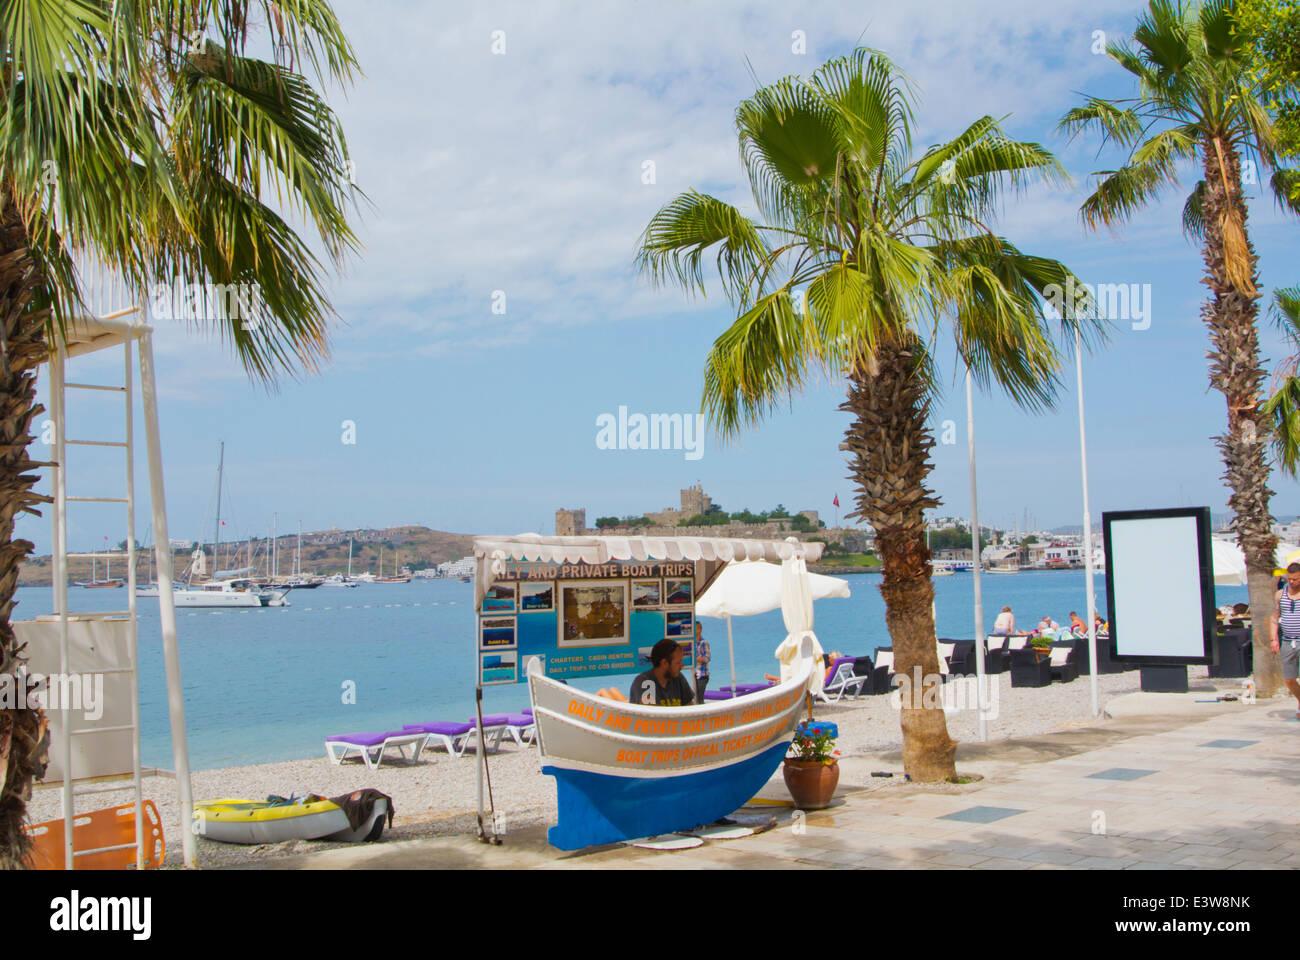 Reisebüro Boot Reise stand, Cumhuriyet Meer Straße, Bodrum, Mugla Region, westliche Türkei, Kleinasien Stockbild